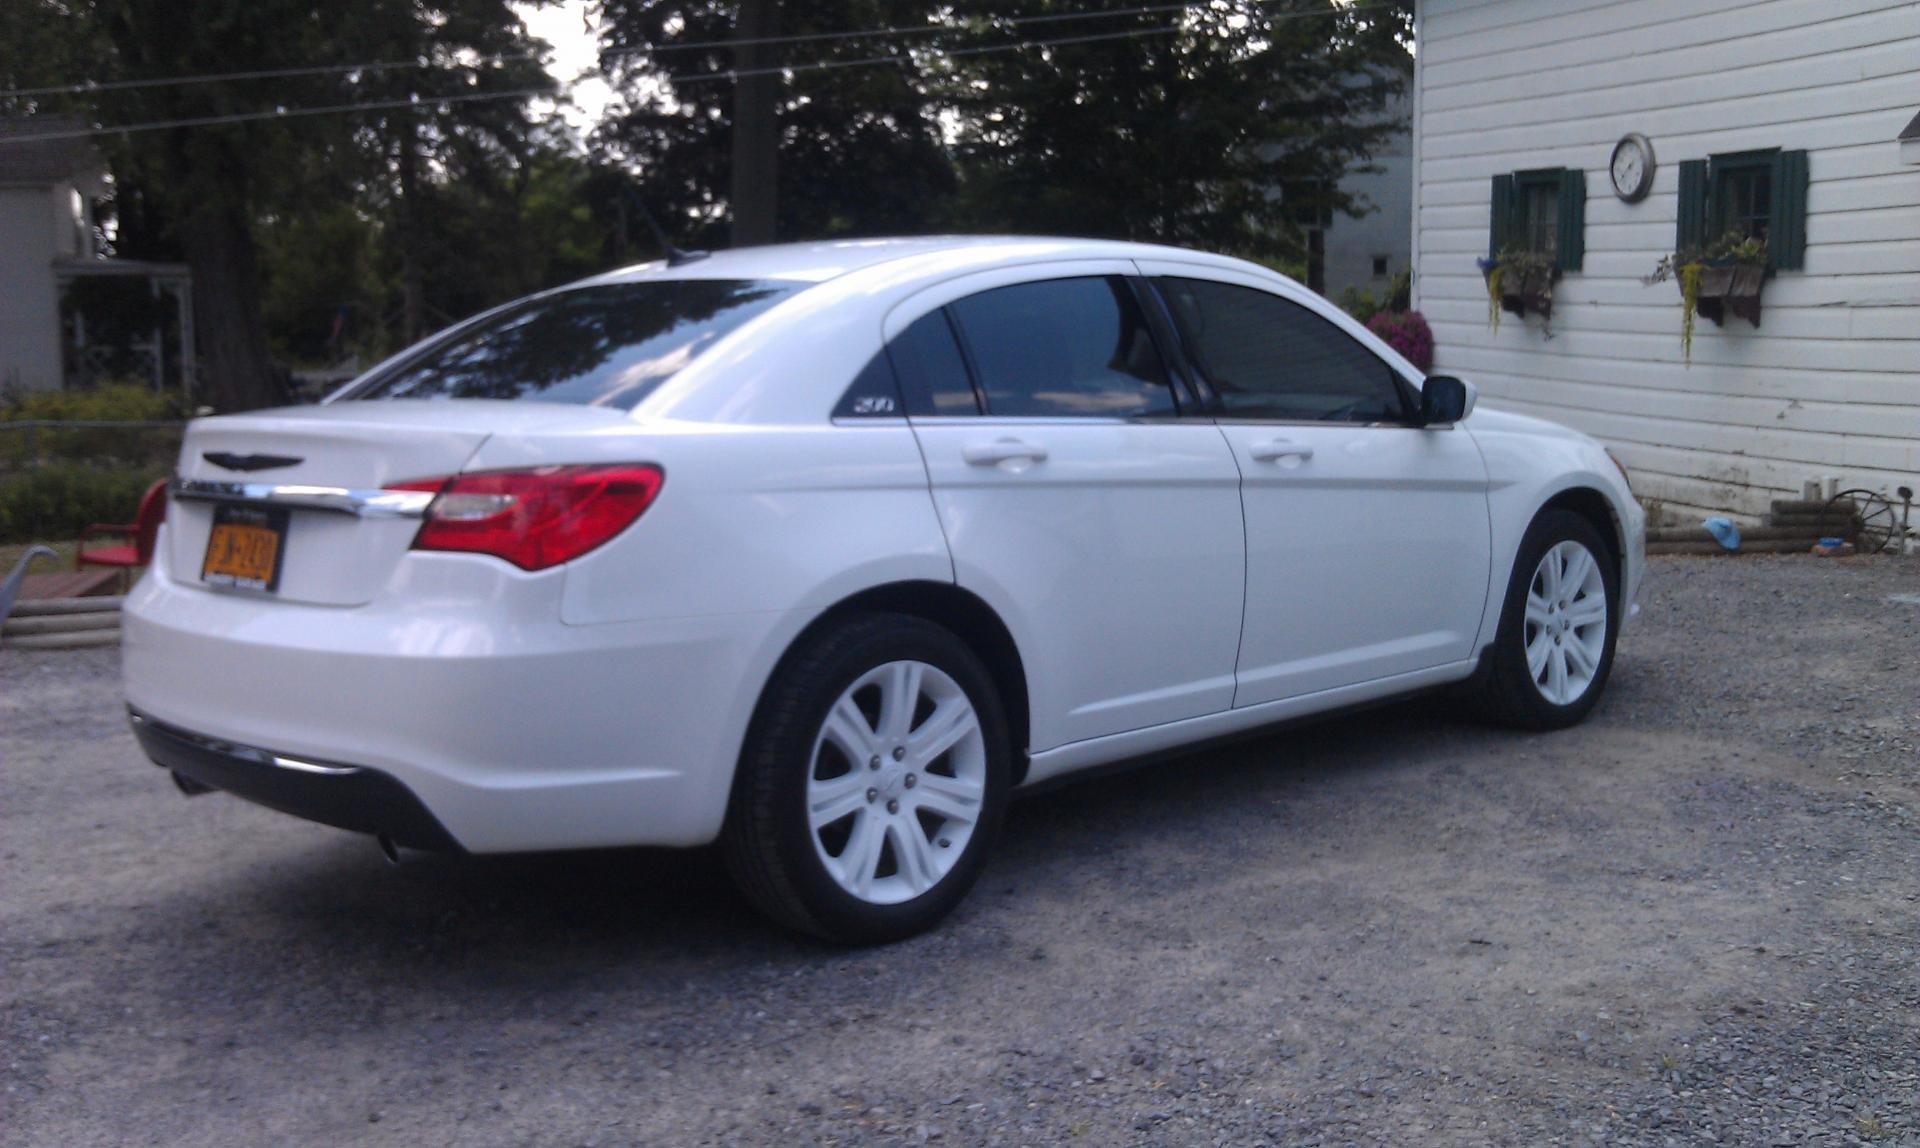 2012 Chrysler 200 Grill >> plasti dip wheels white?